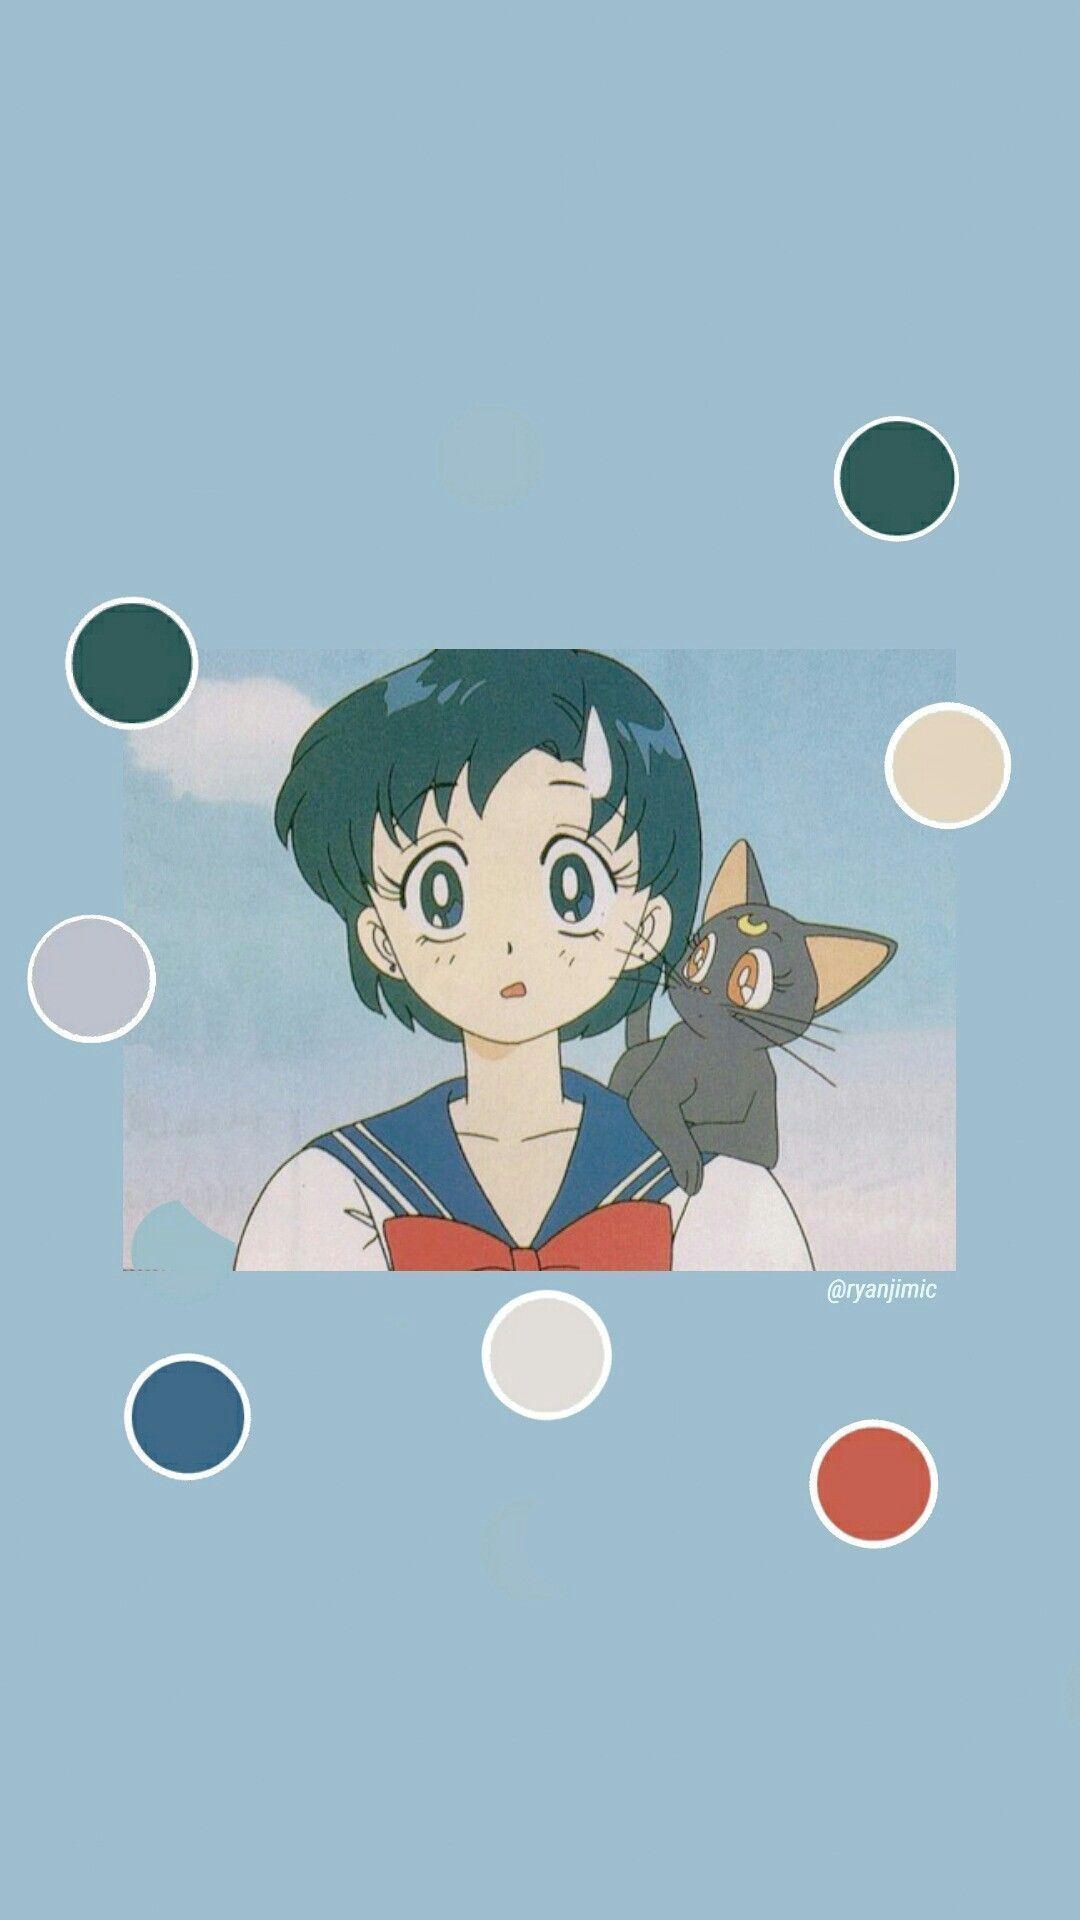 Aesthetic Wallpaper Ipad Mini Bts Ipad Mini Wallpaper Aesthetic In 2020 Ipad Mini Wallpaper Sailor Moon Wallpaper Cute Cartoon Wallpapers